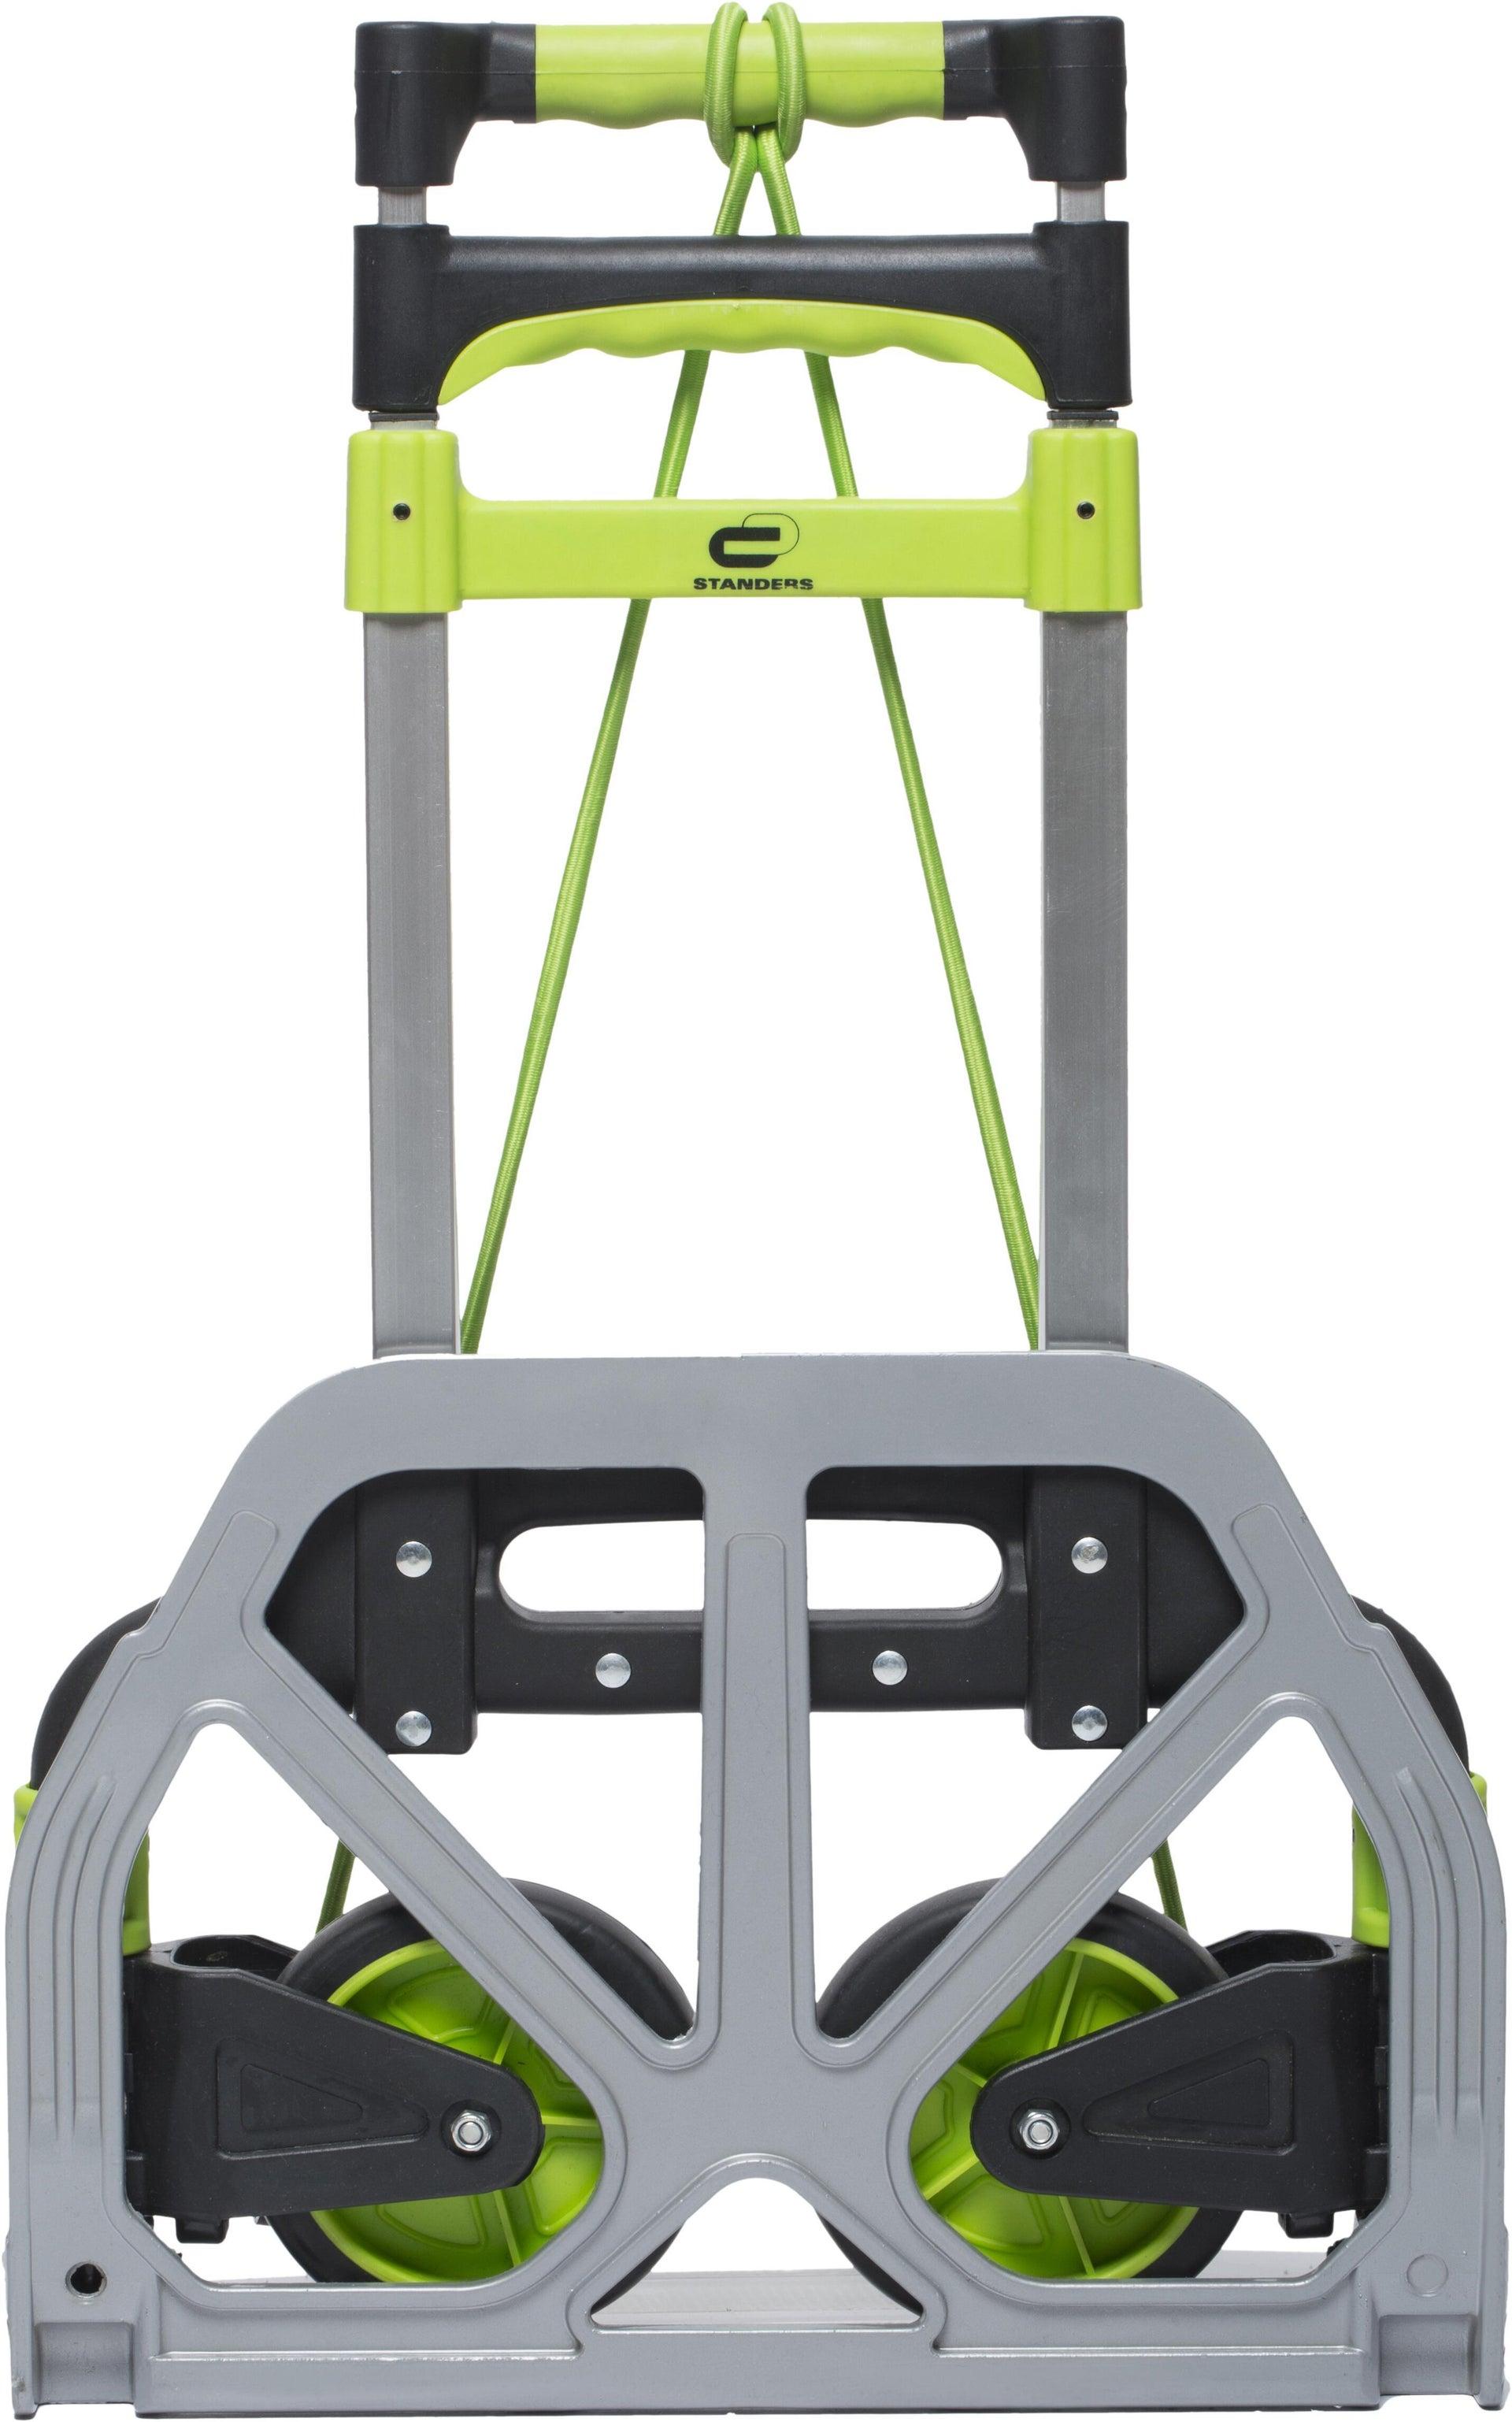 Carrello pieghevole STANDERS in alluminio portata 70 kg - 2